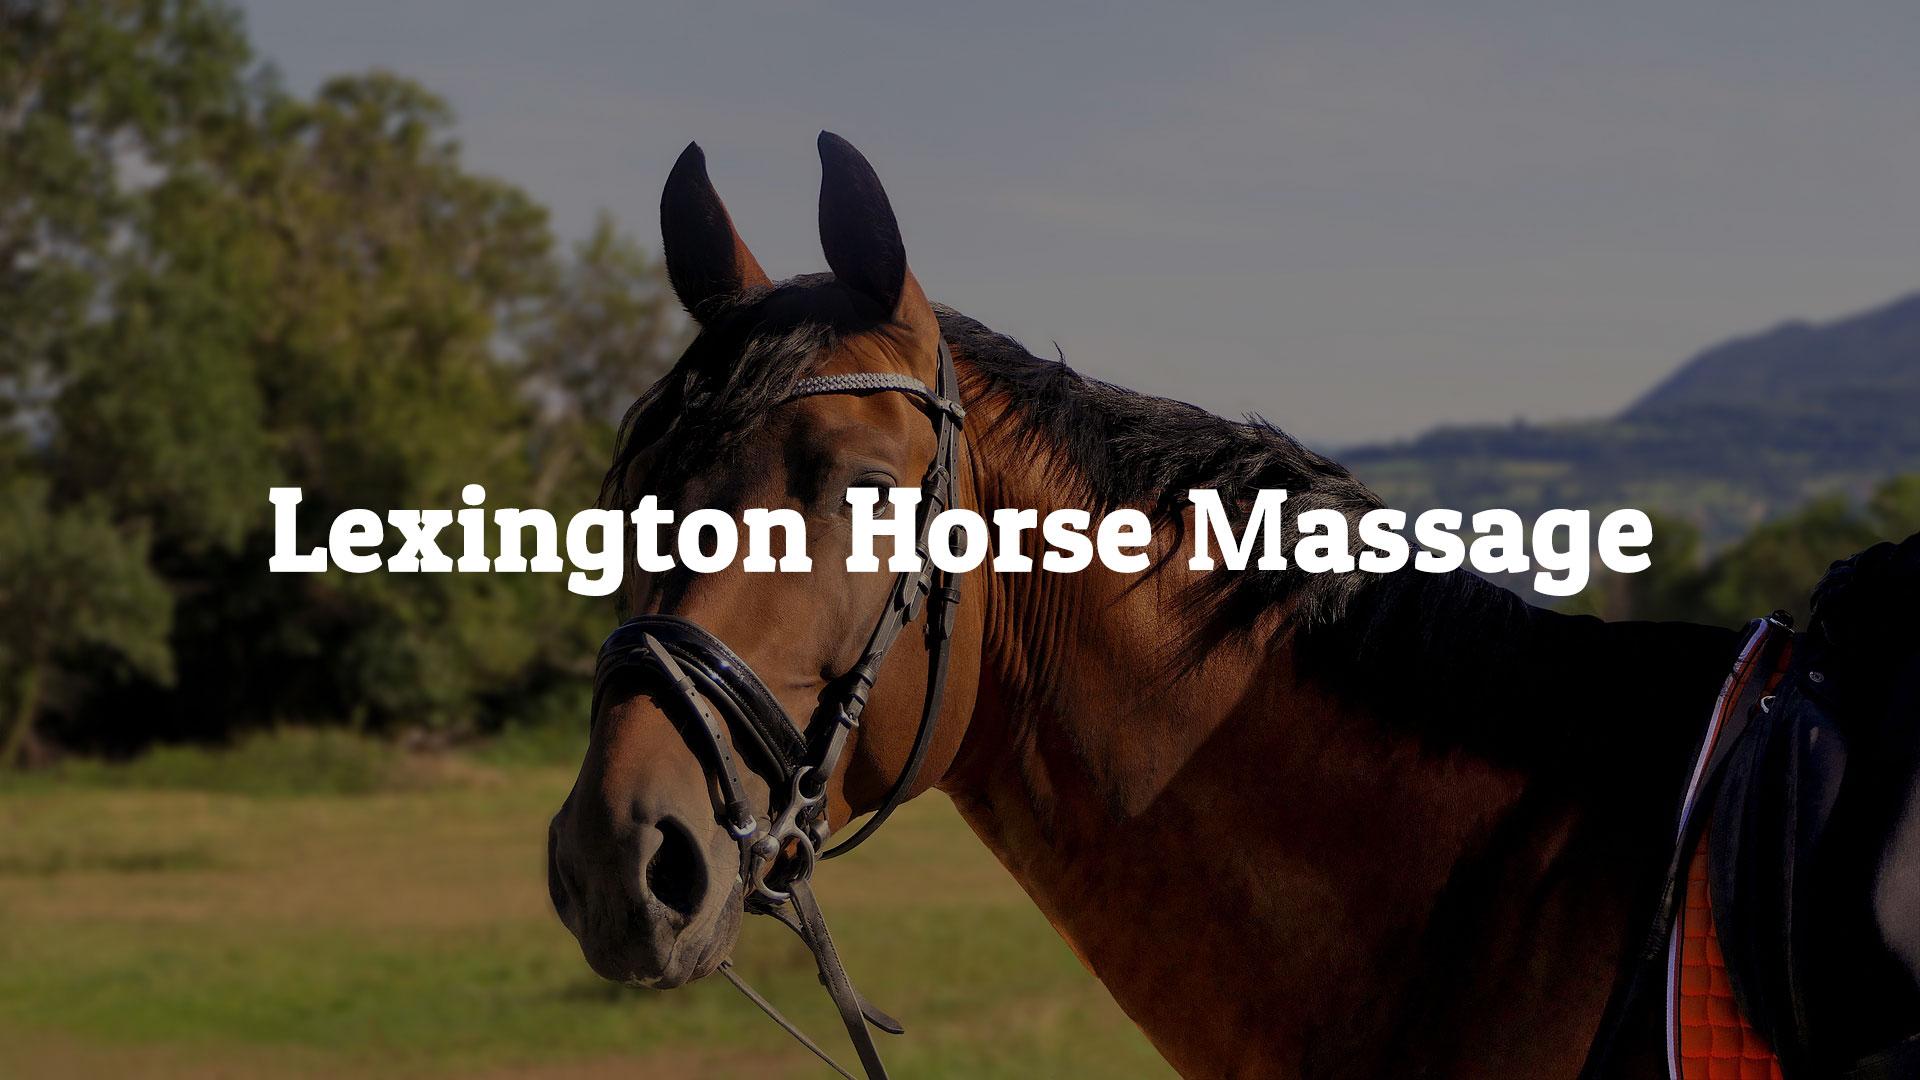 Lexington Horse Massage | Healing Hands